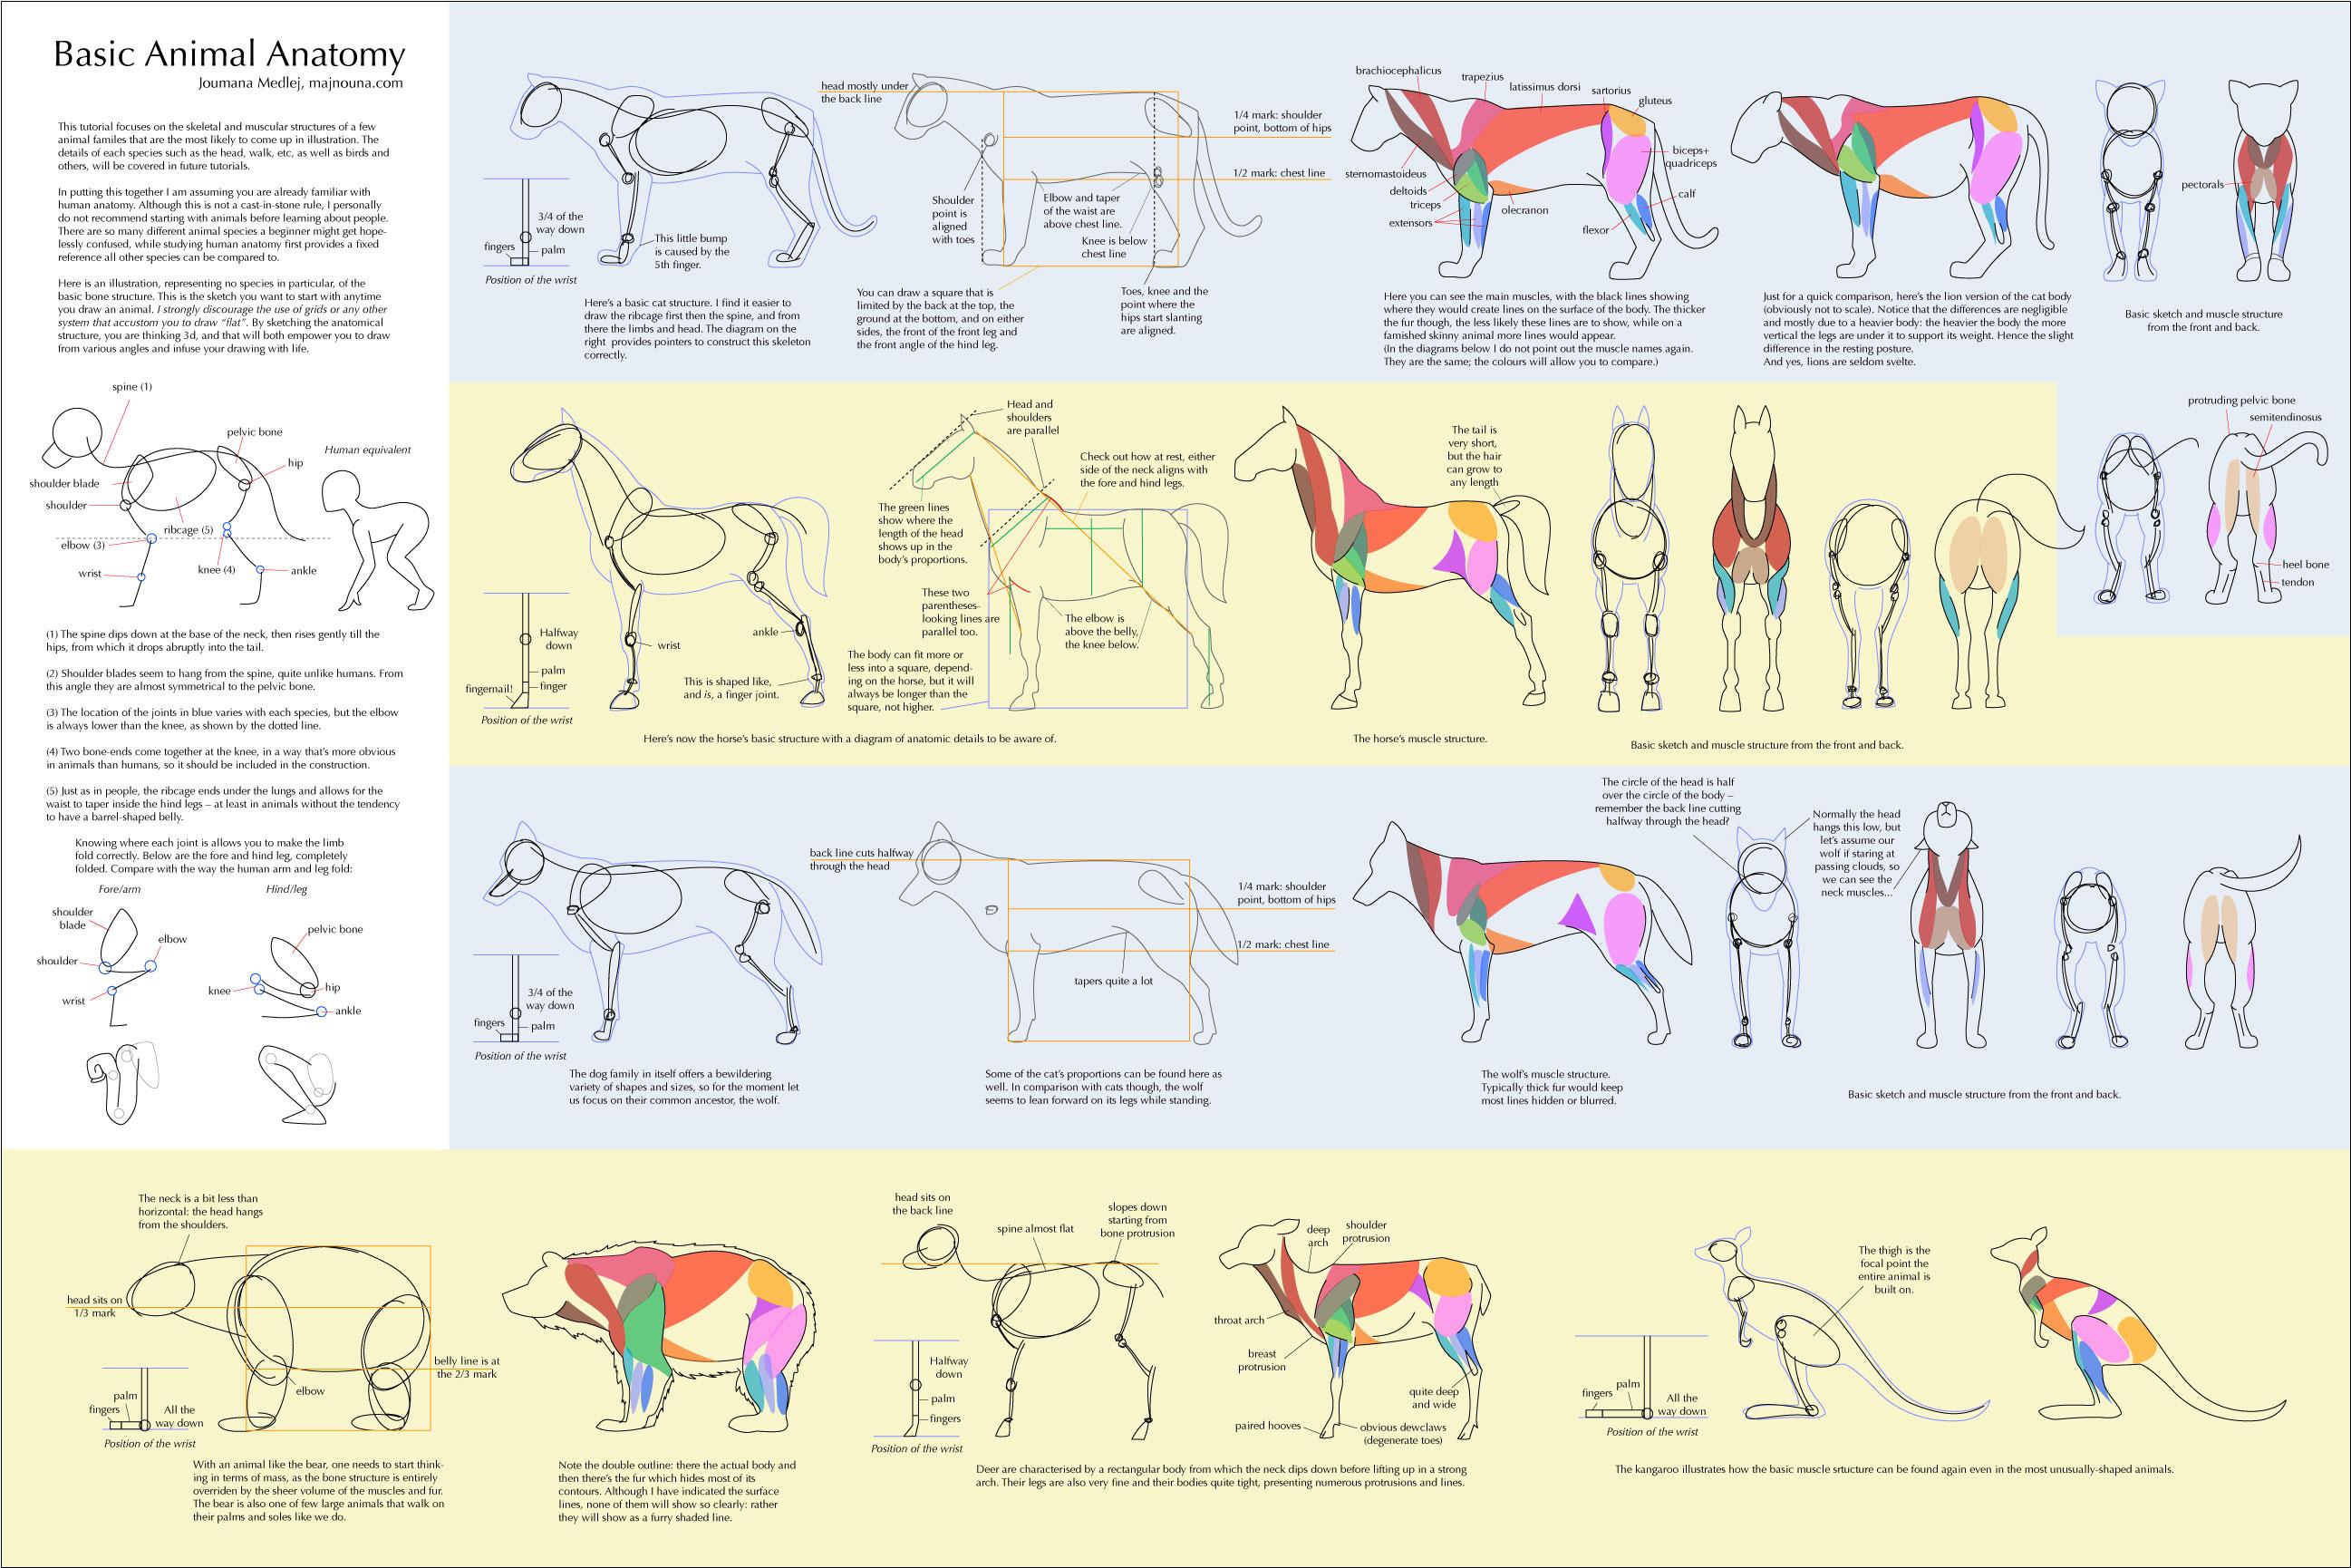 Basic Animal Anatomy